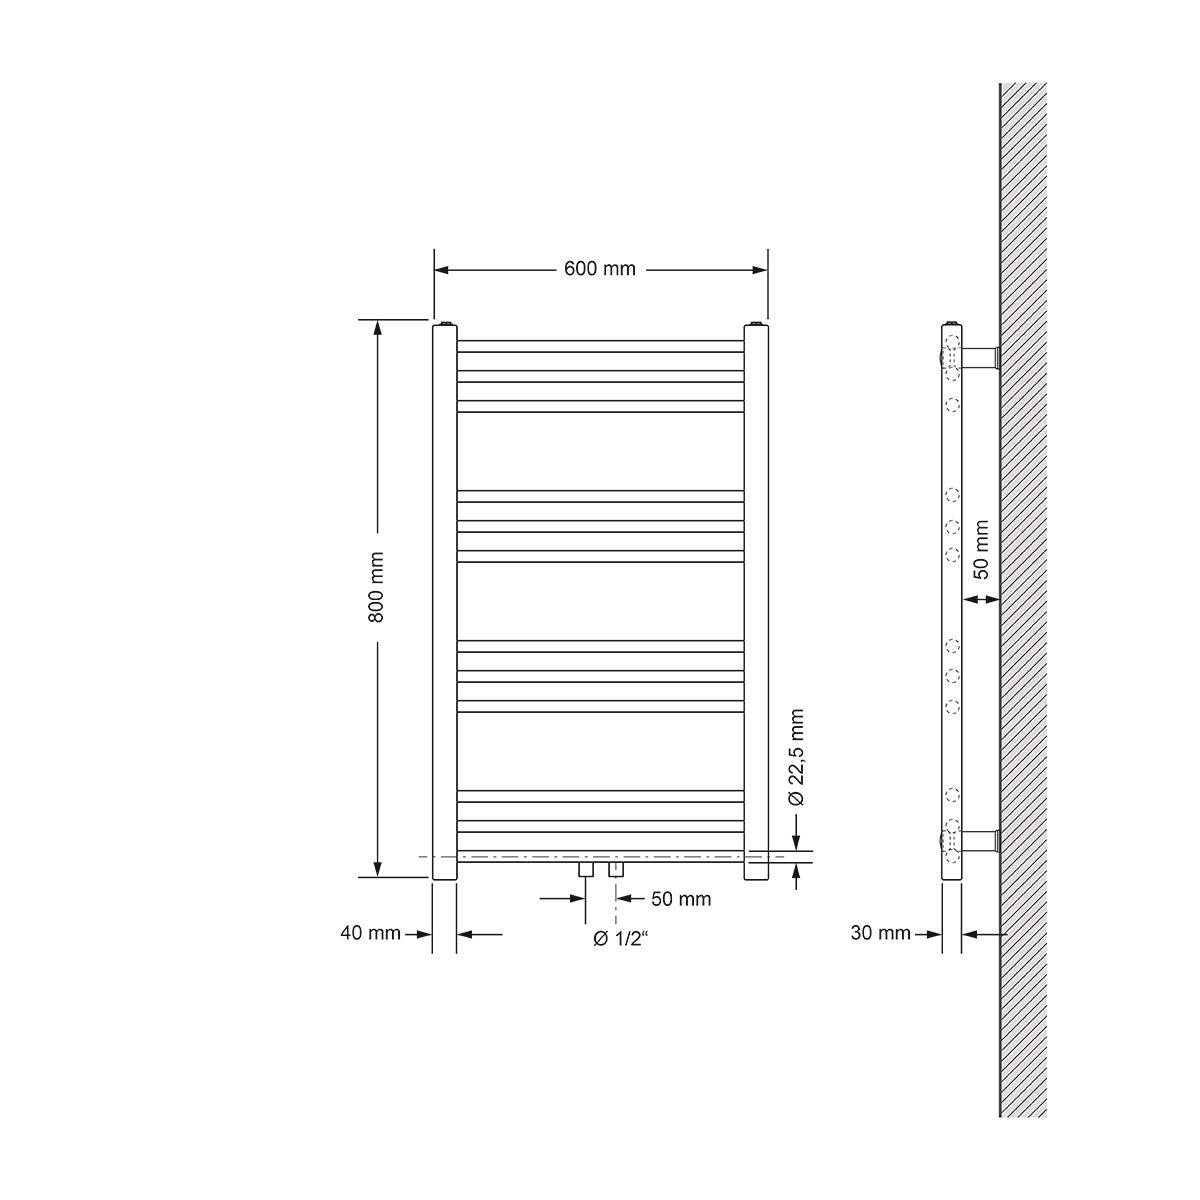 ECD Germany Badheizk/örper Sahara Anthrazit gebogen mit Mittelanschluss Heizk/örper Handtuchw/ärmer Handtuchtrockner 600 x 1500 mm